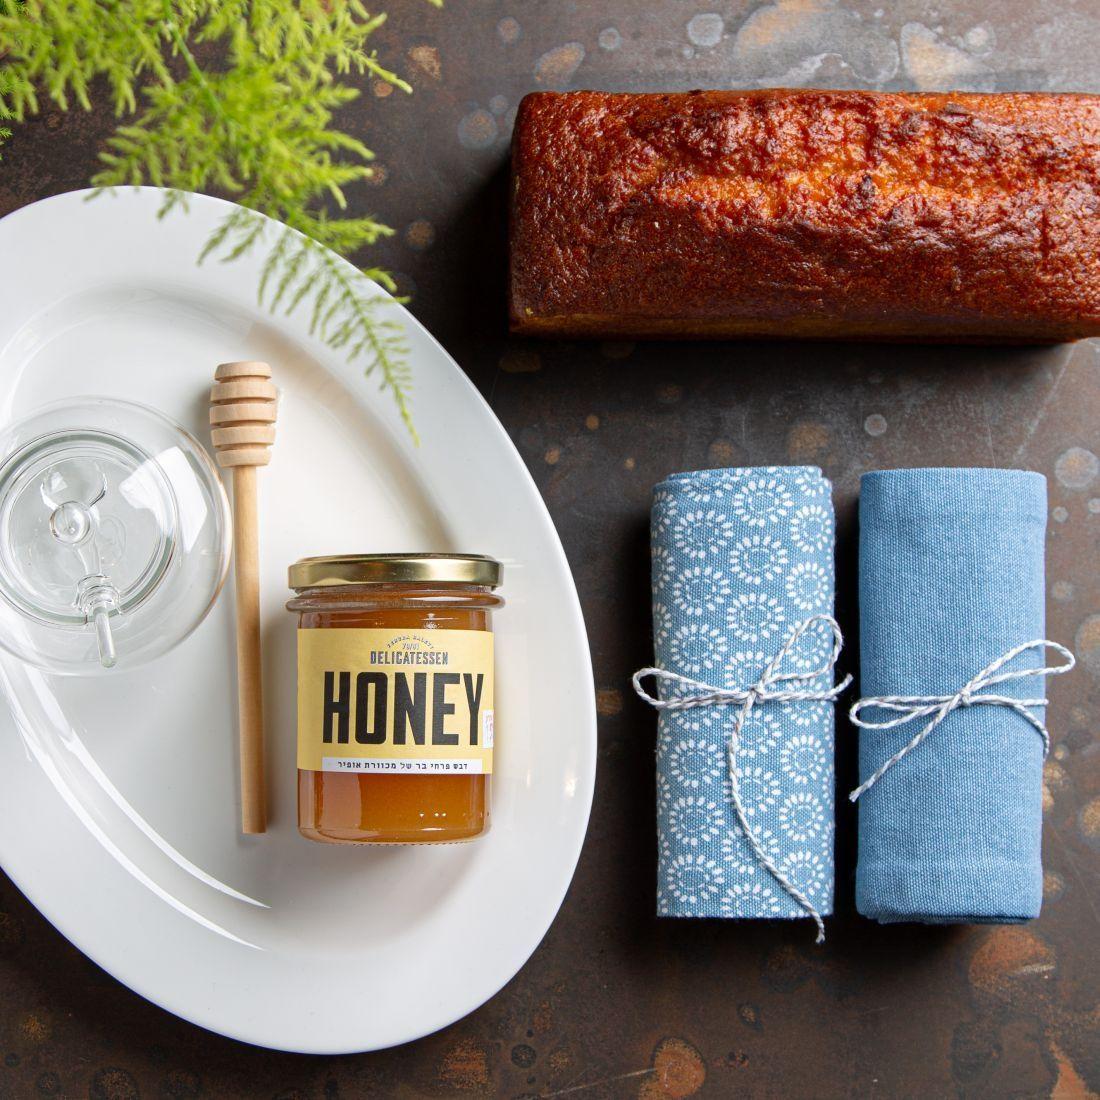 מארז הכל דבש - עוגה בחושה של הבייקרי, צלחת הגשה, דבש פרחי בר, רודה לדבש, כלי זכוכית לדבש וזוג מגבות מטבח.